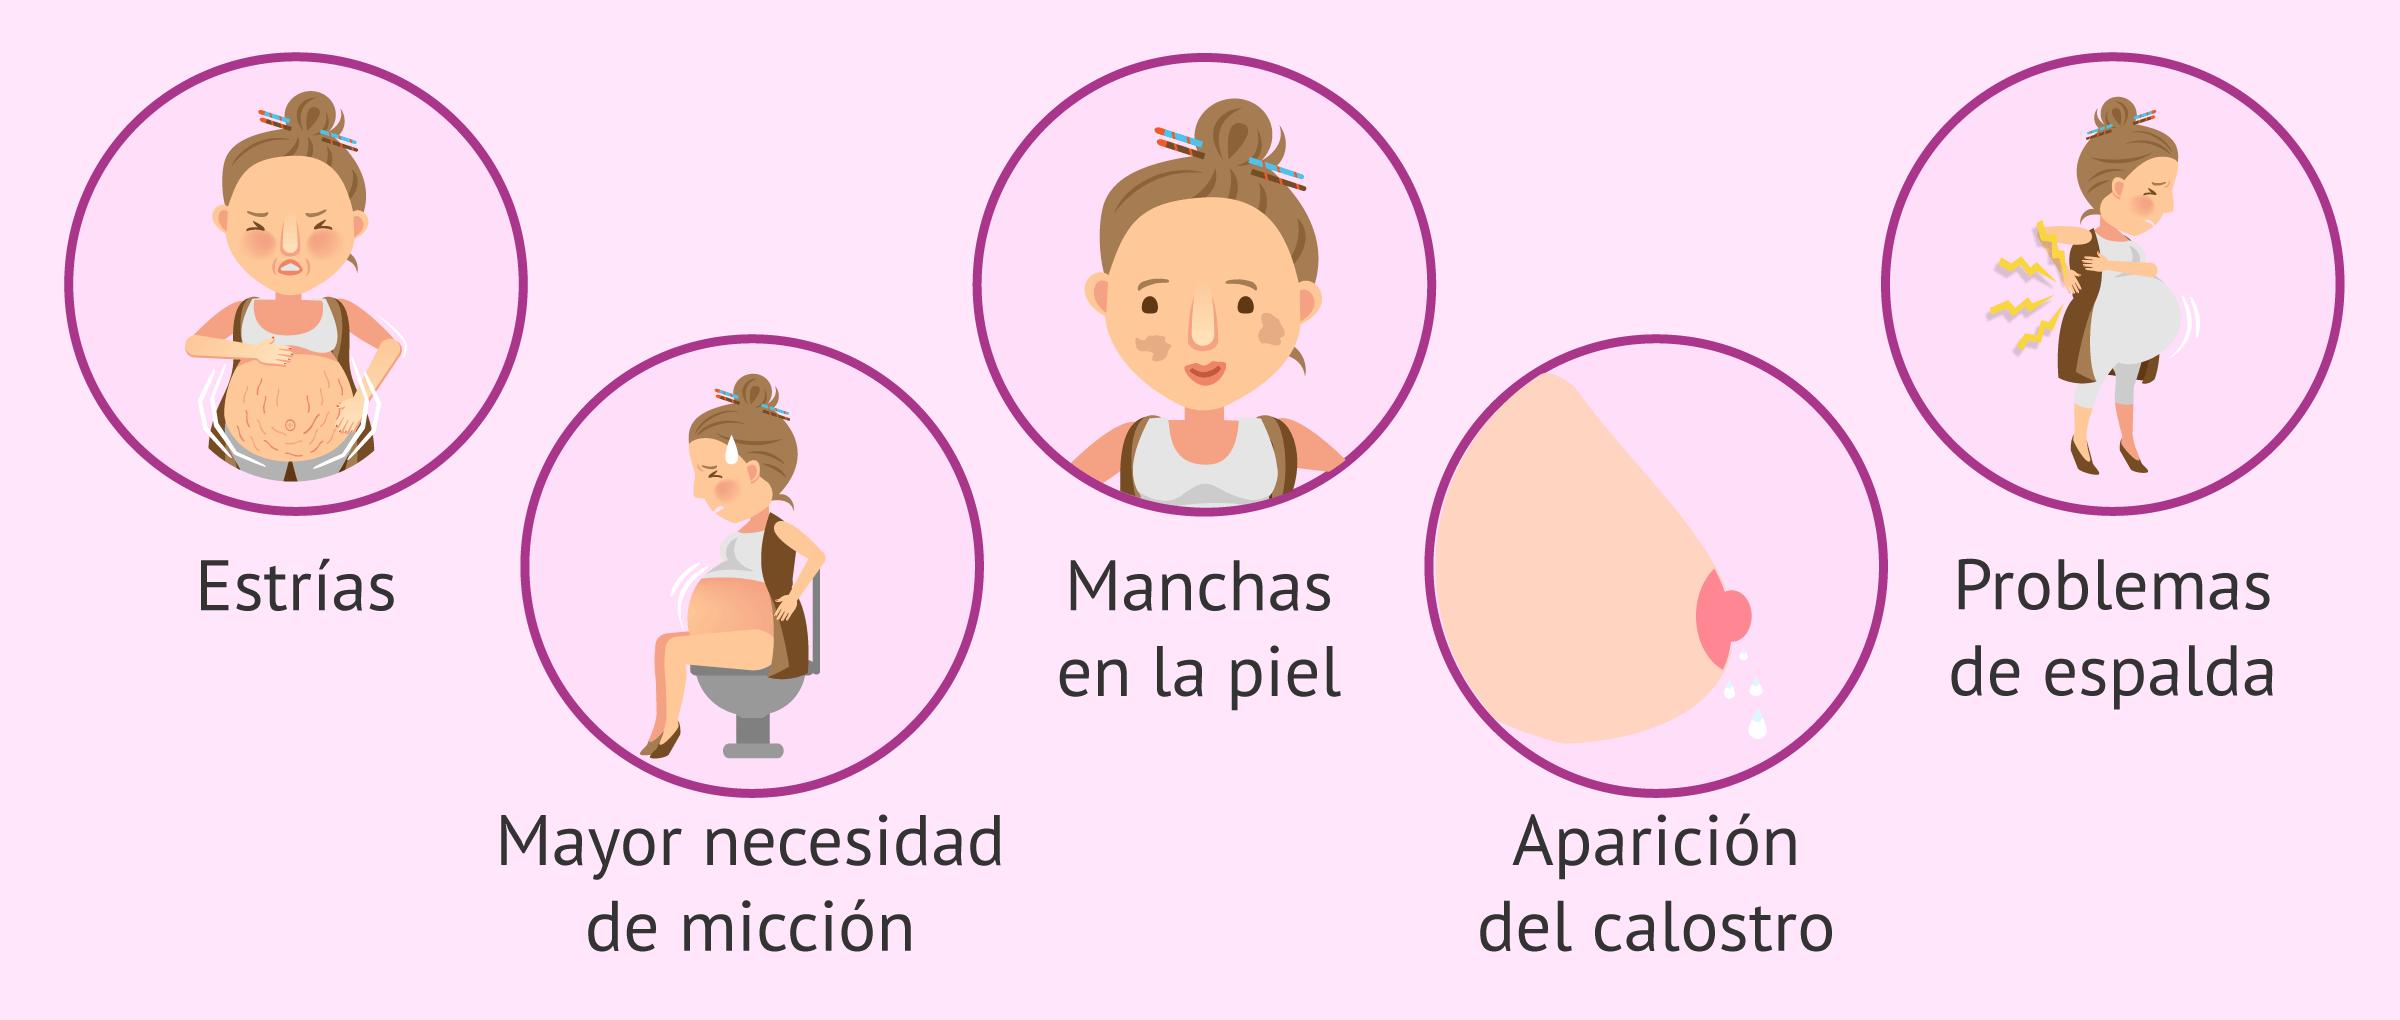 Síntomas en la embarazada a los 6 meses de gestación